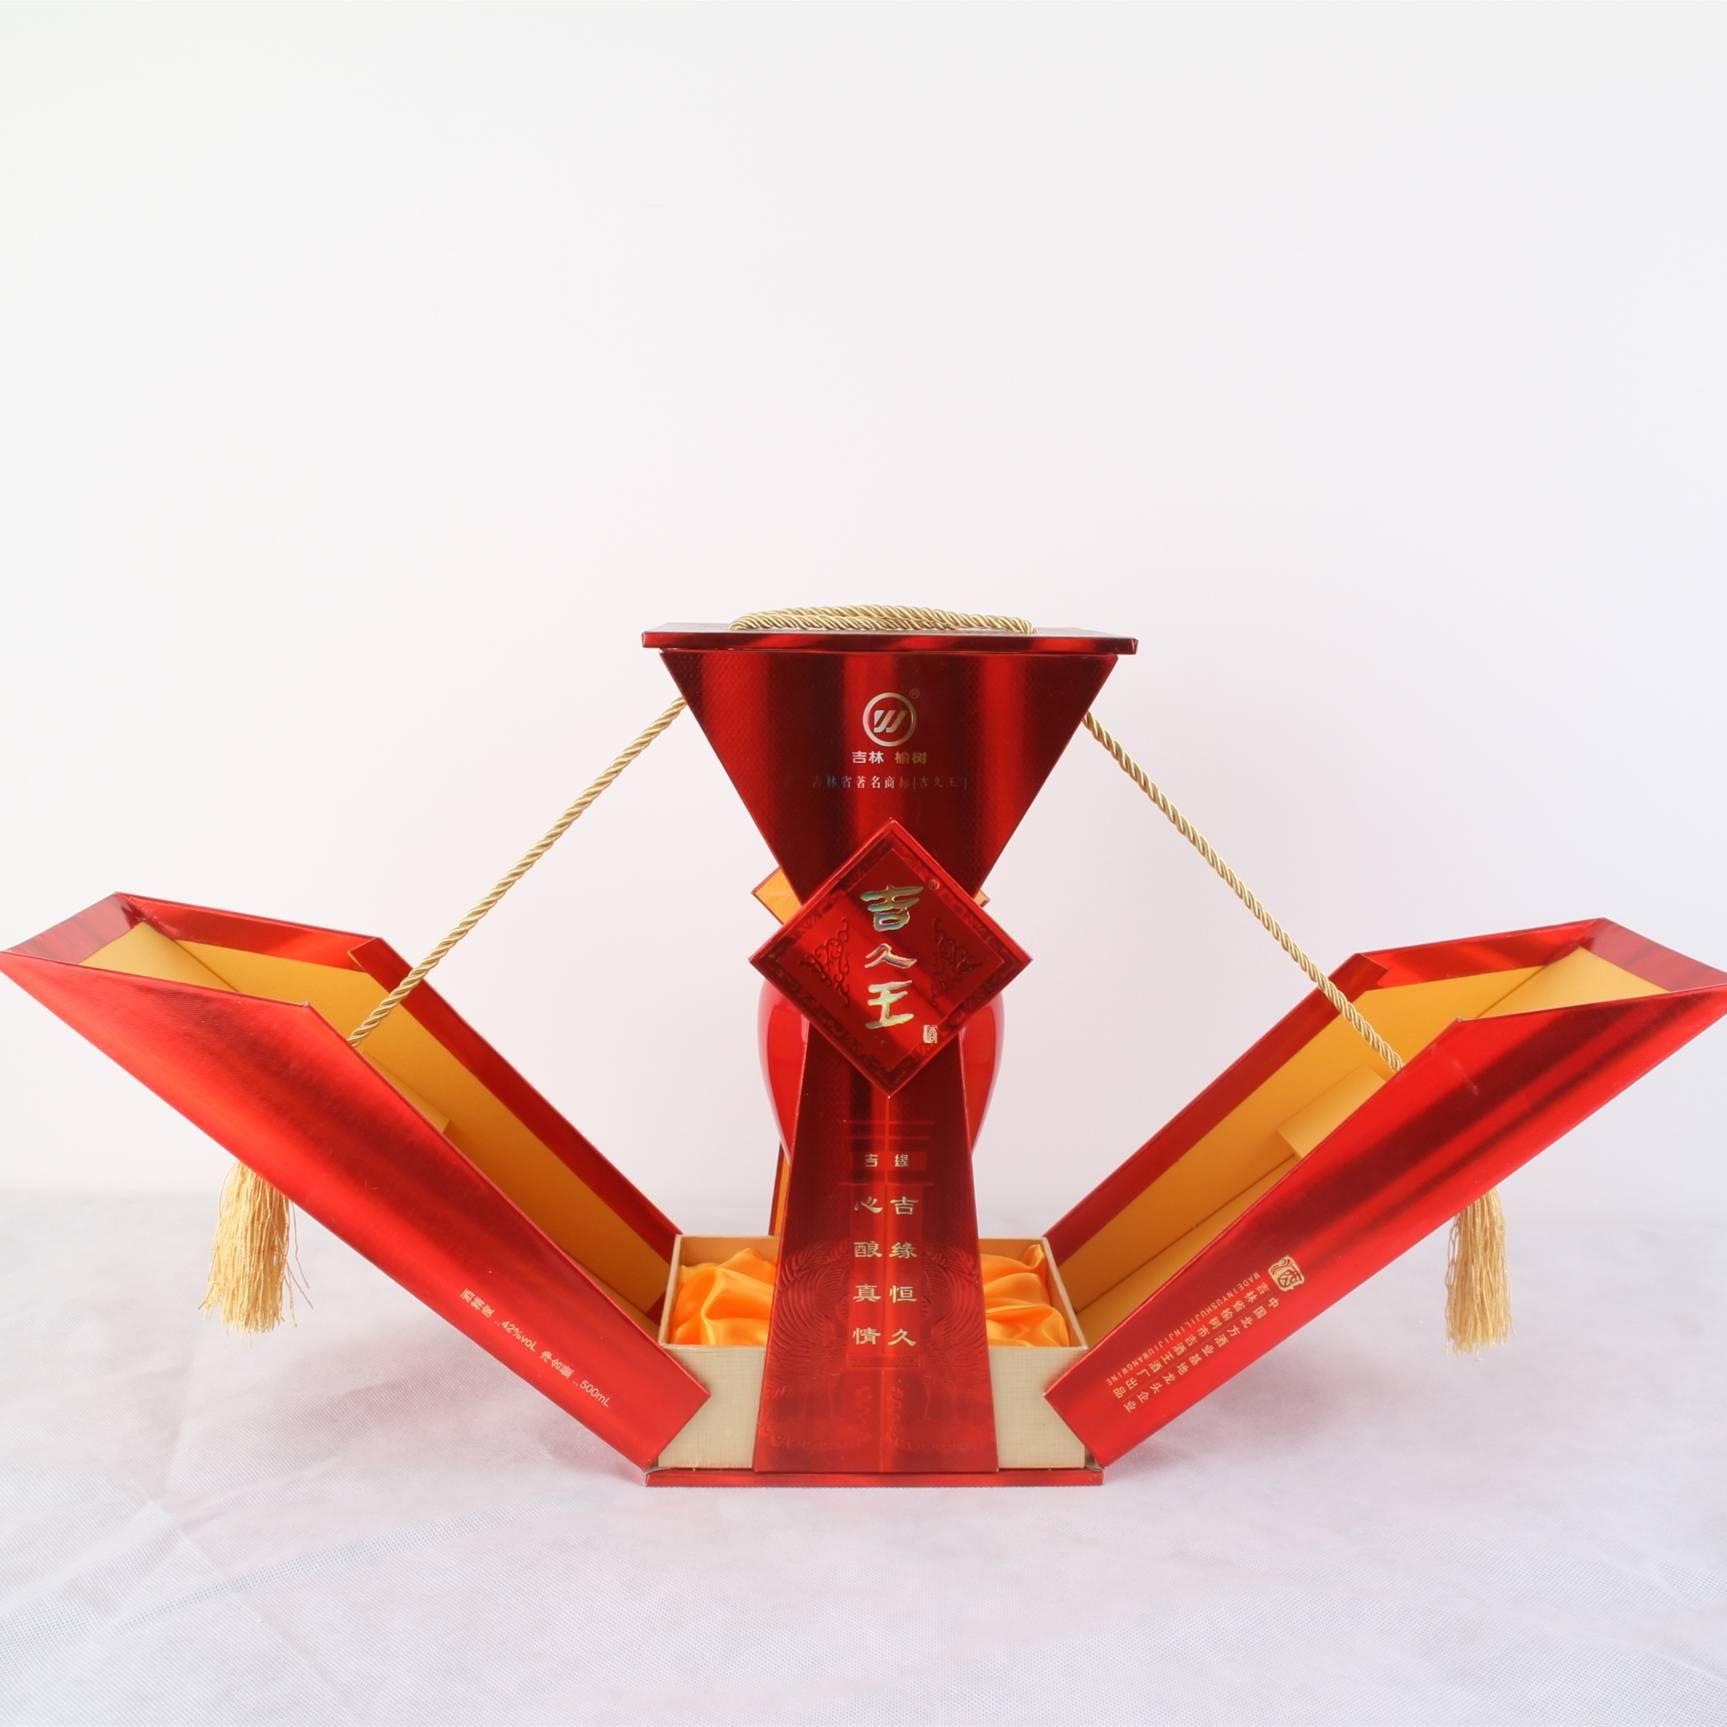 吉久王中国红42°500ml∕瓶 浓香型白酒 纯粮酿造